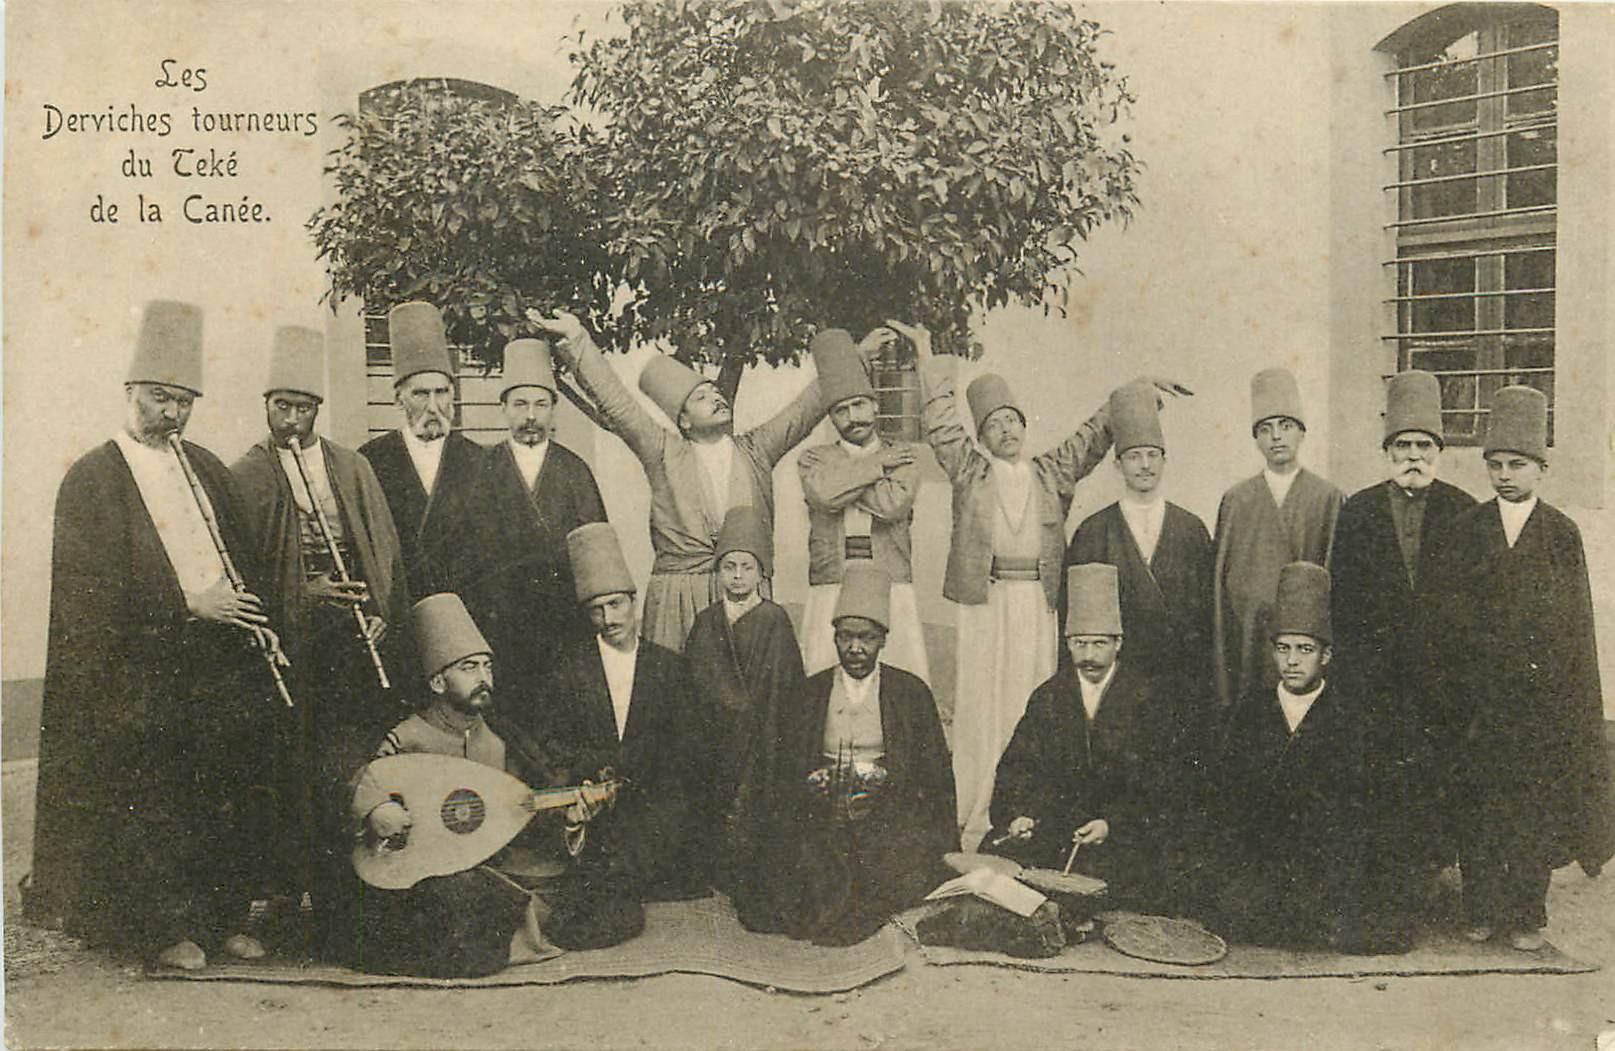 WW CRÊTE GRECE. Les Derviches Tourneurs de Teké de la Canée vers 1900